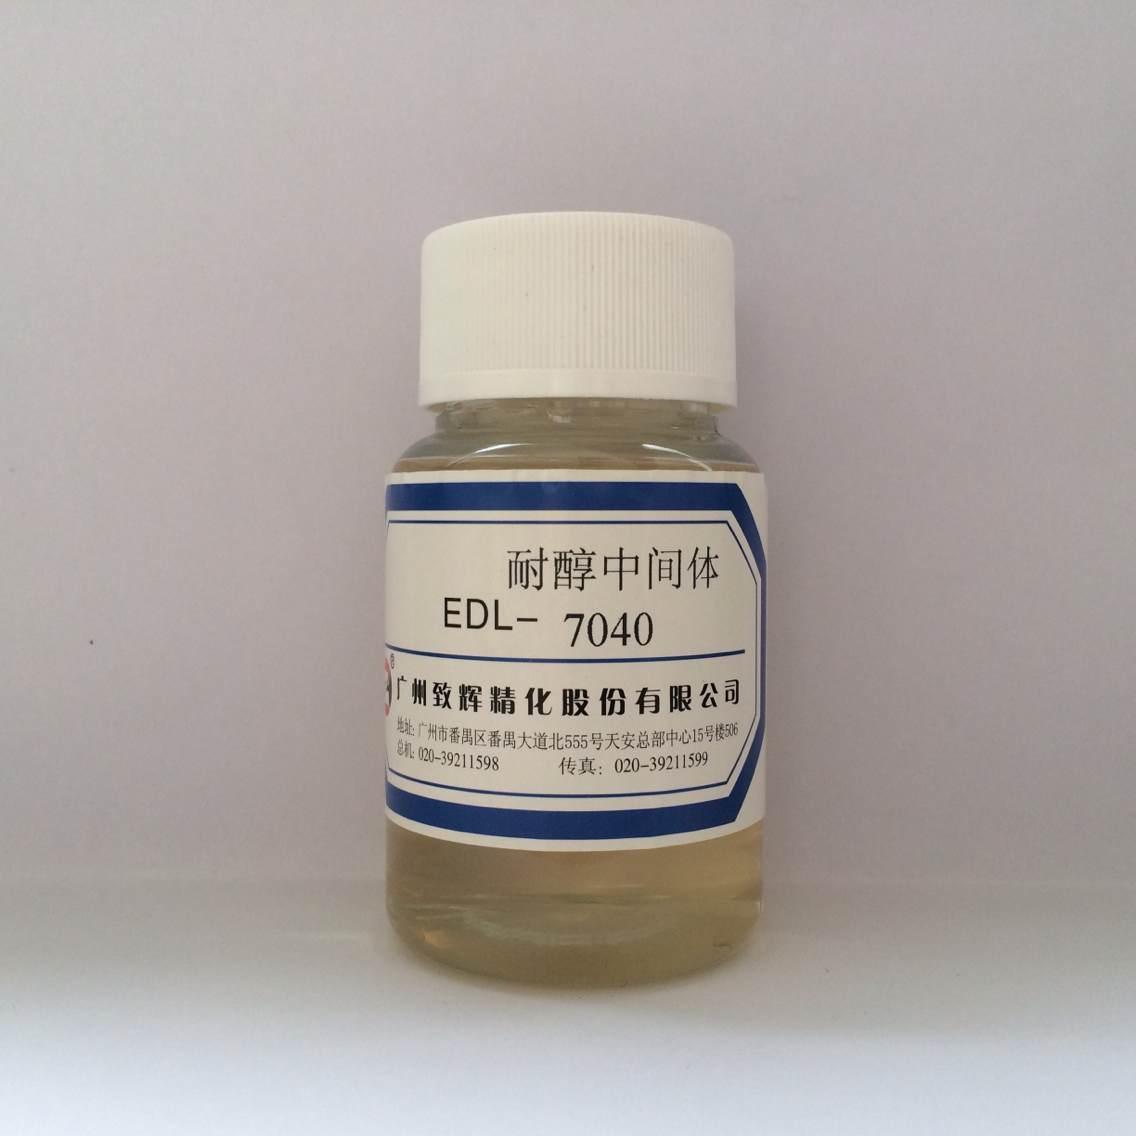 耐醇中间体 EDL-7040